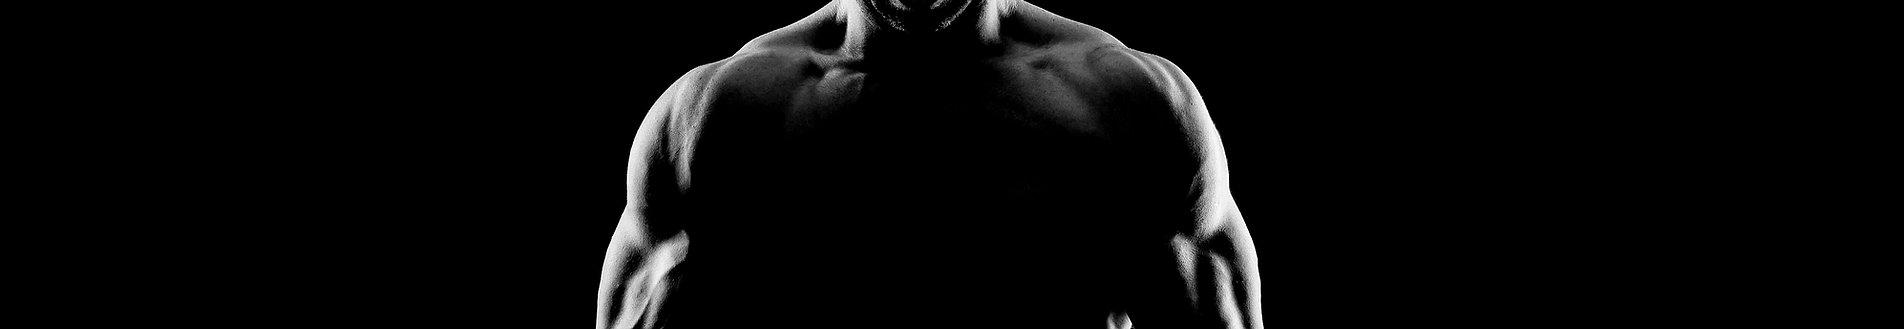 젊은 근육 남자